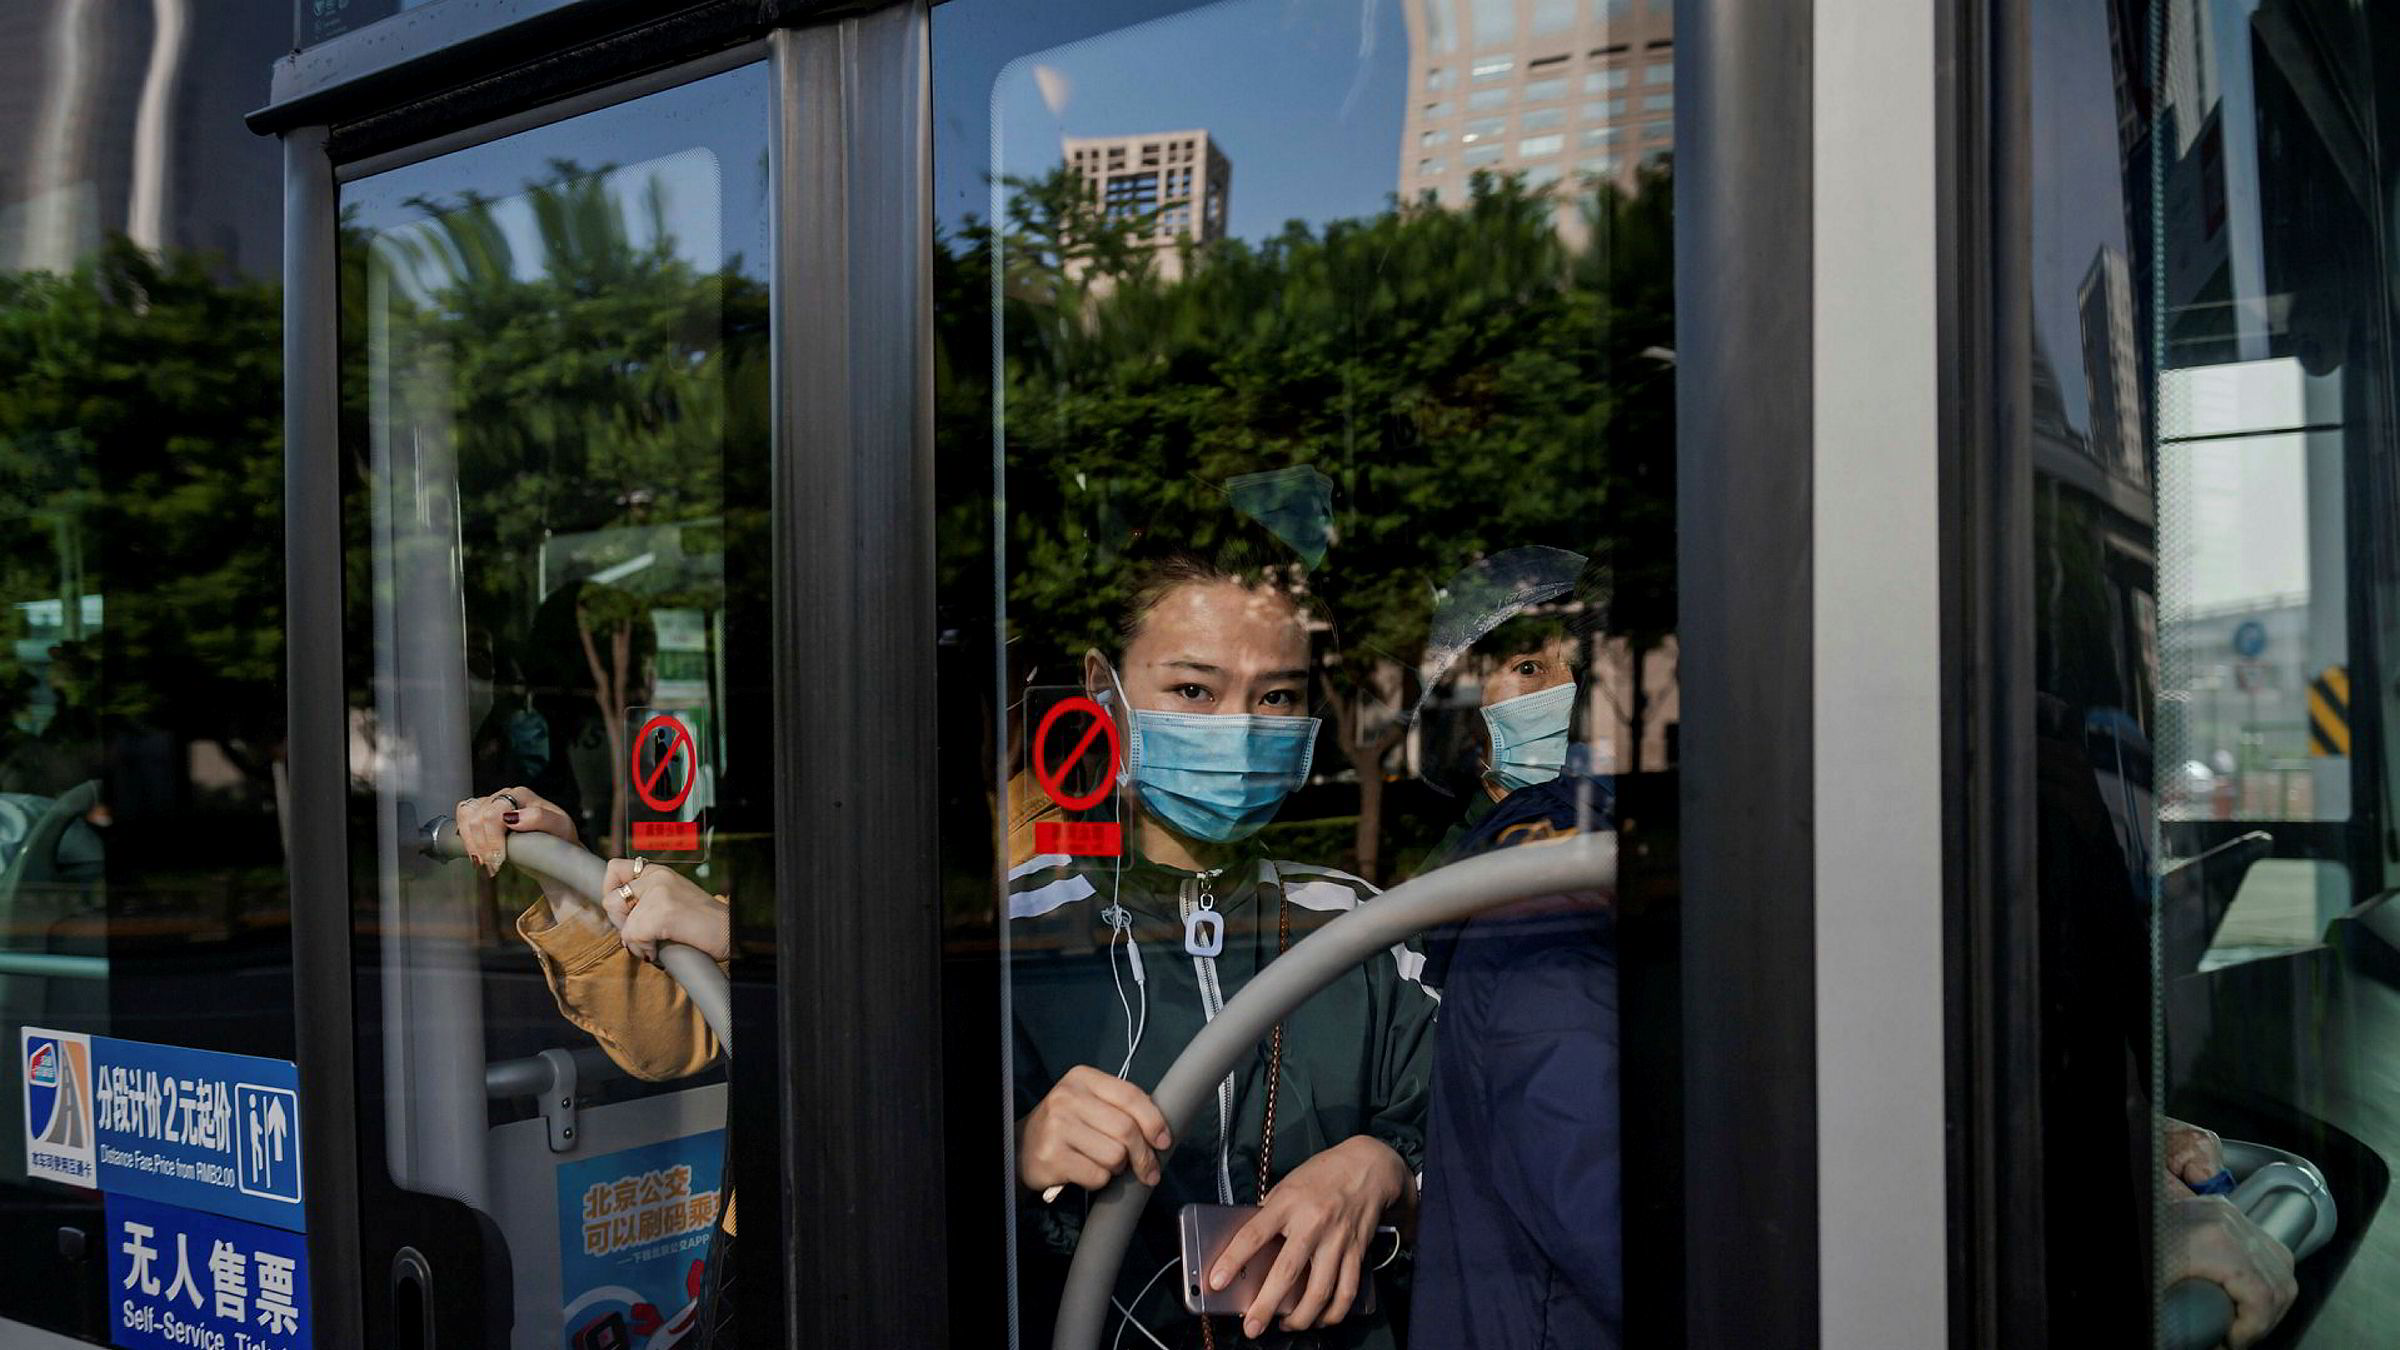 For første gang vil Kina ikke fastsette økonomiske vekstmål for økonomien.